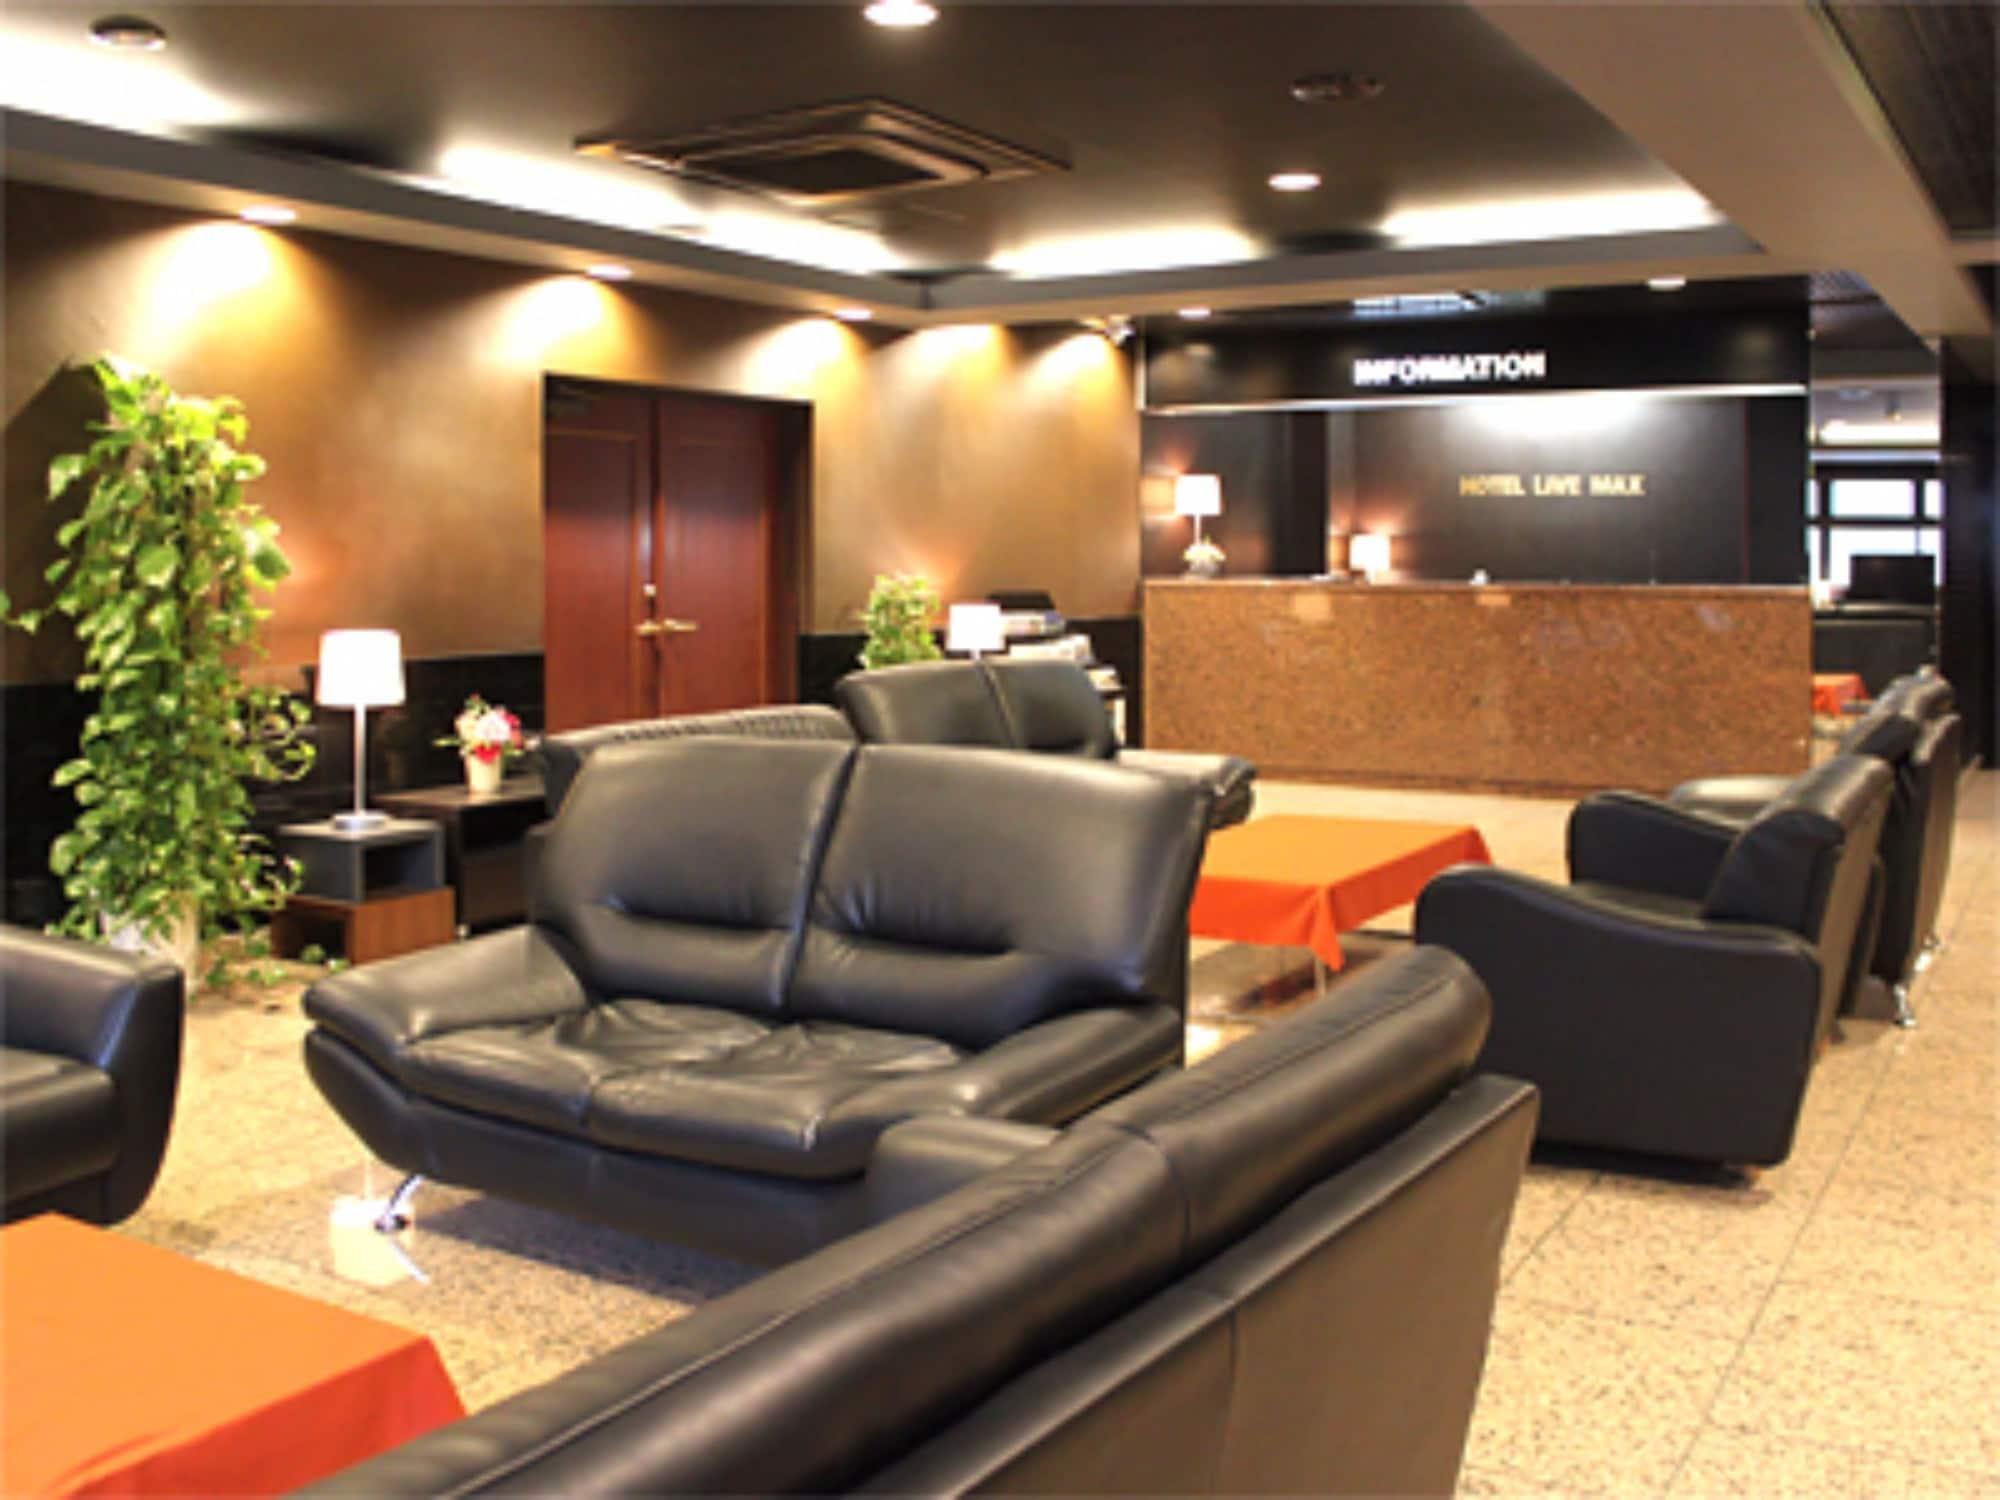 HOTEL LiVEMAX Sagamihara, Sagamihara